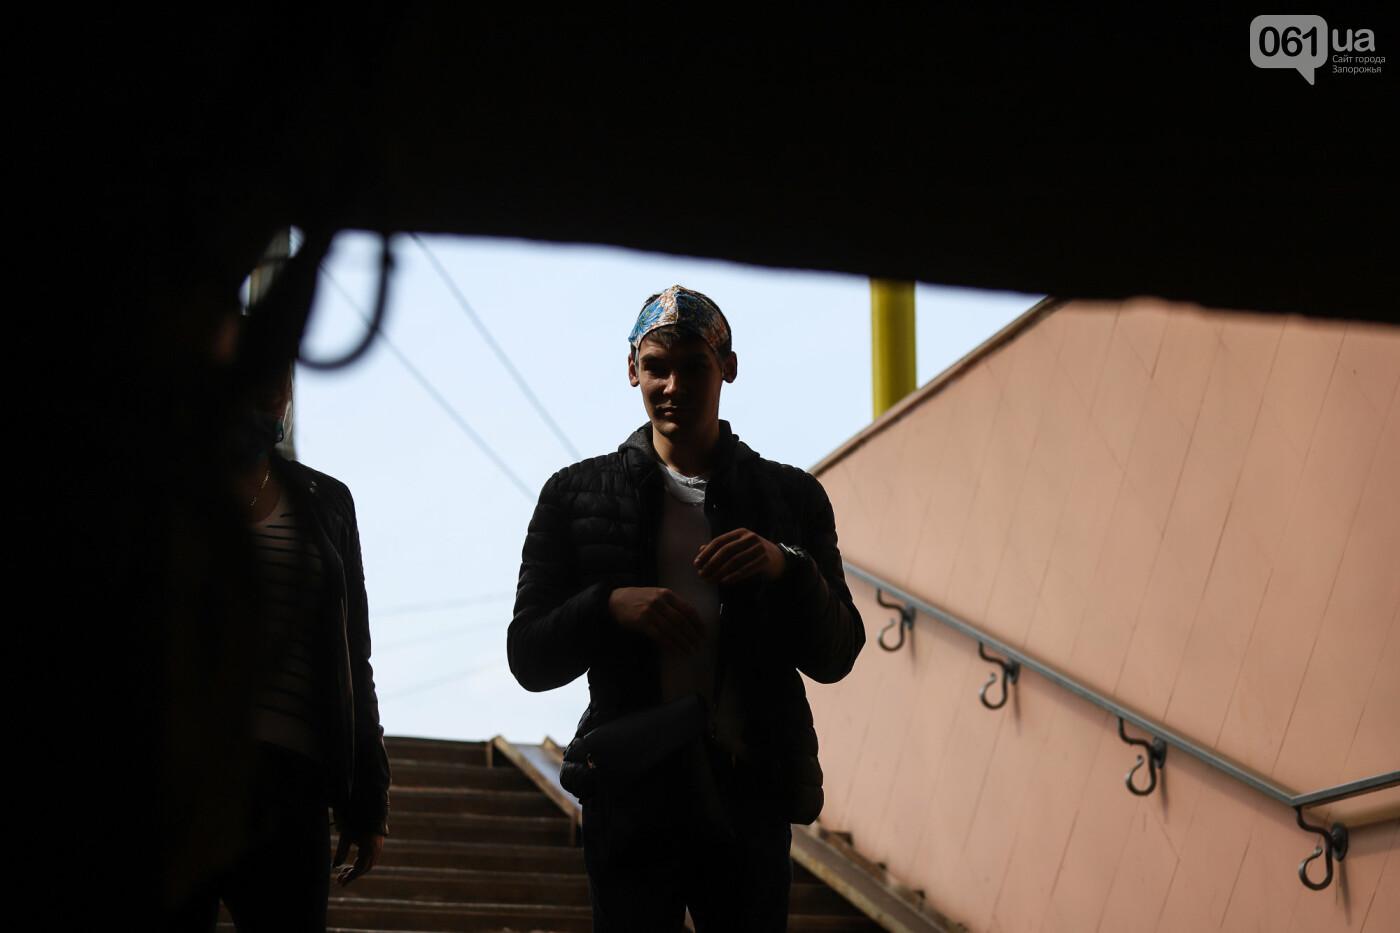 Вход только в масках: как выглядит Запорожье на карантине, - ФОТОРЕПОРТАЖ, фото-17